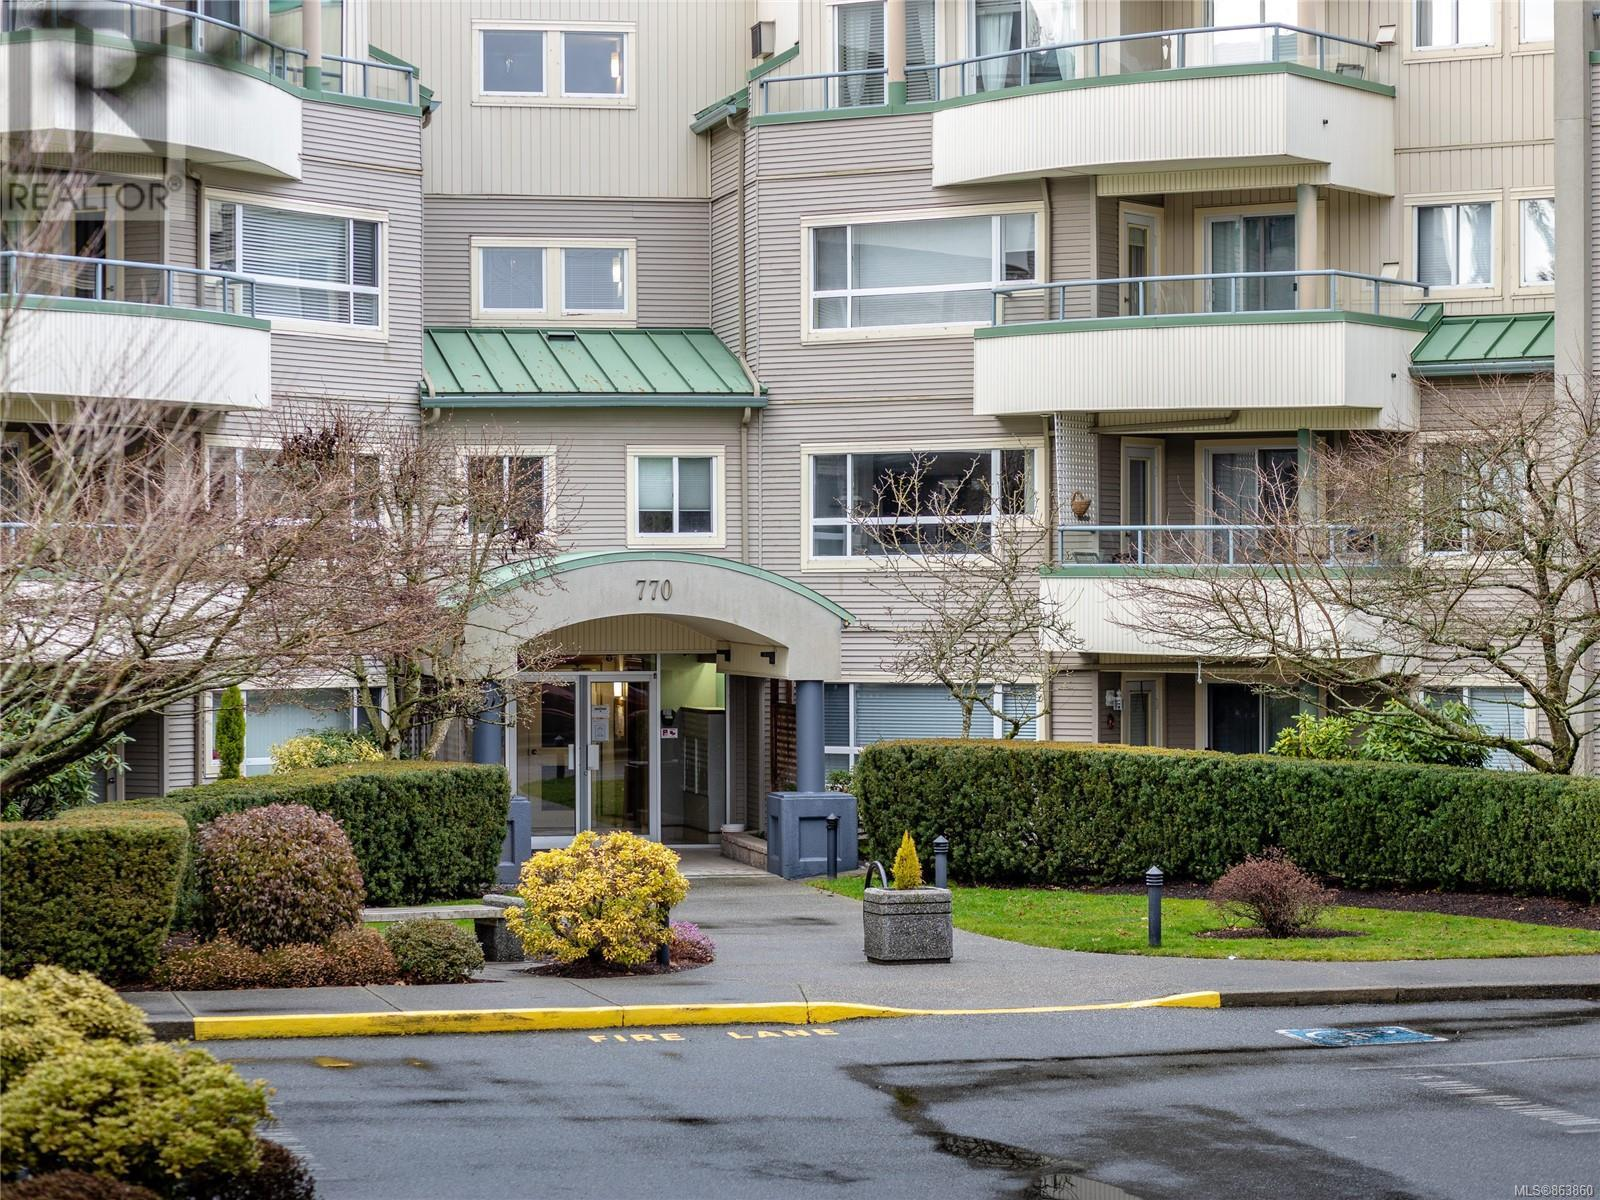 213 770 Poplar St, Nanaimo, British Columbia  V9S 2H6 - Photo 23 - 863860